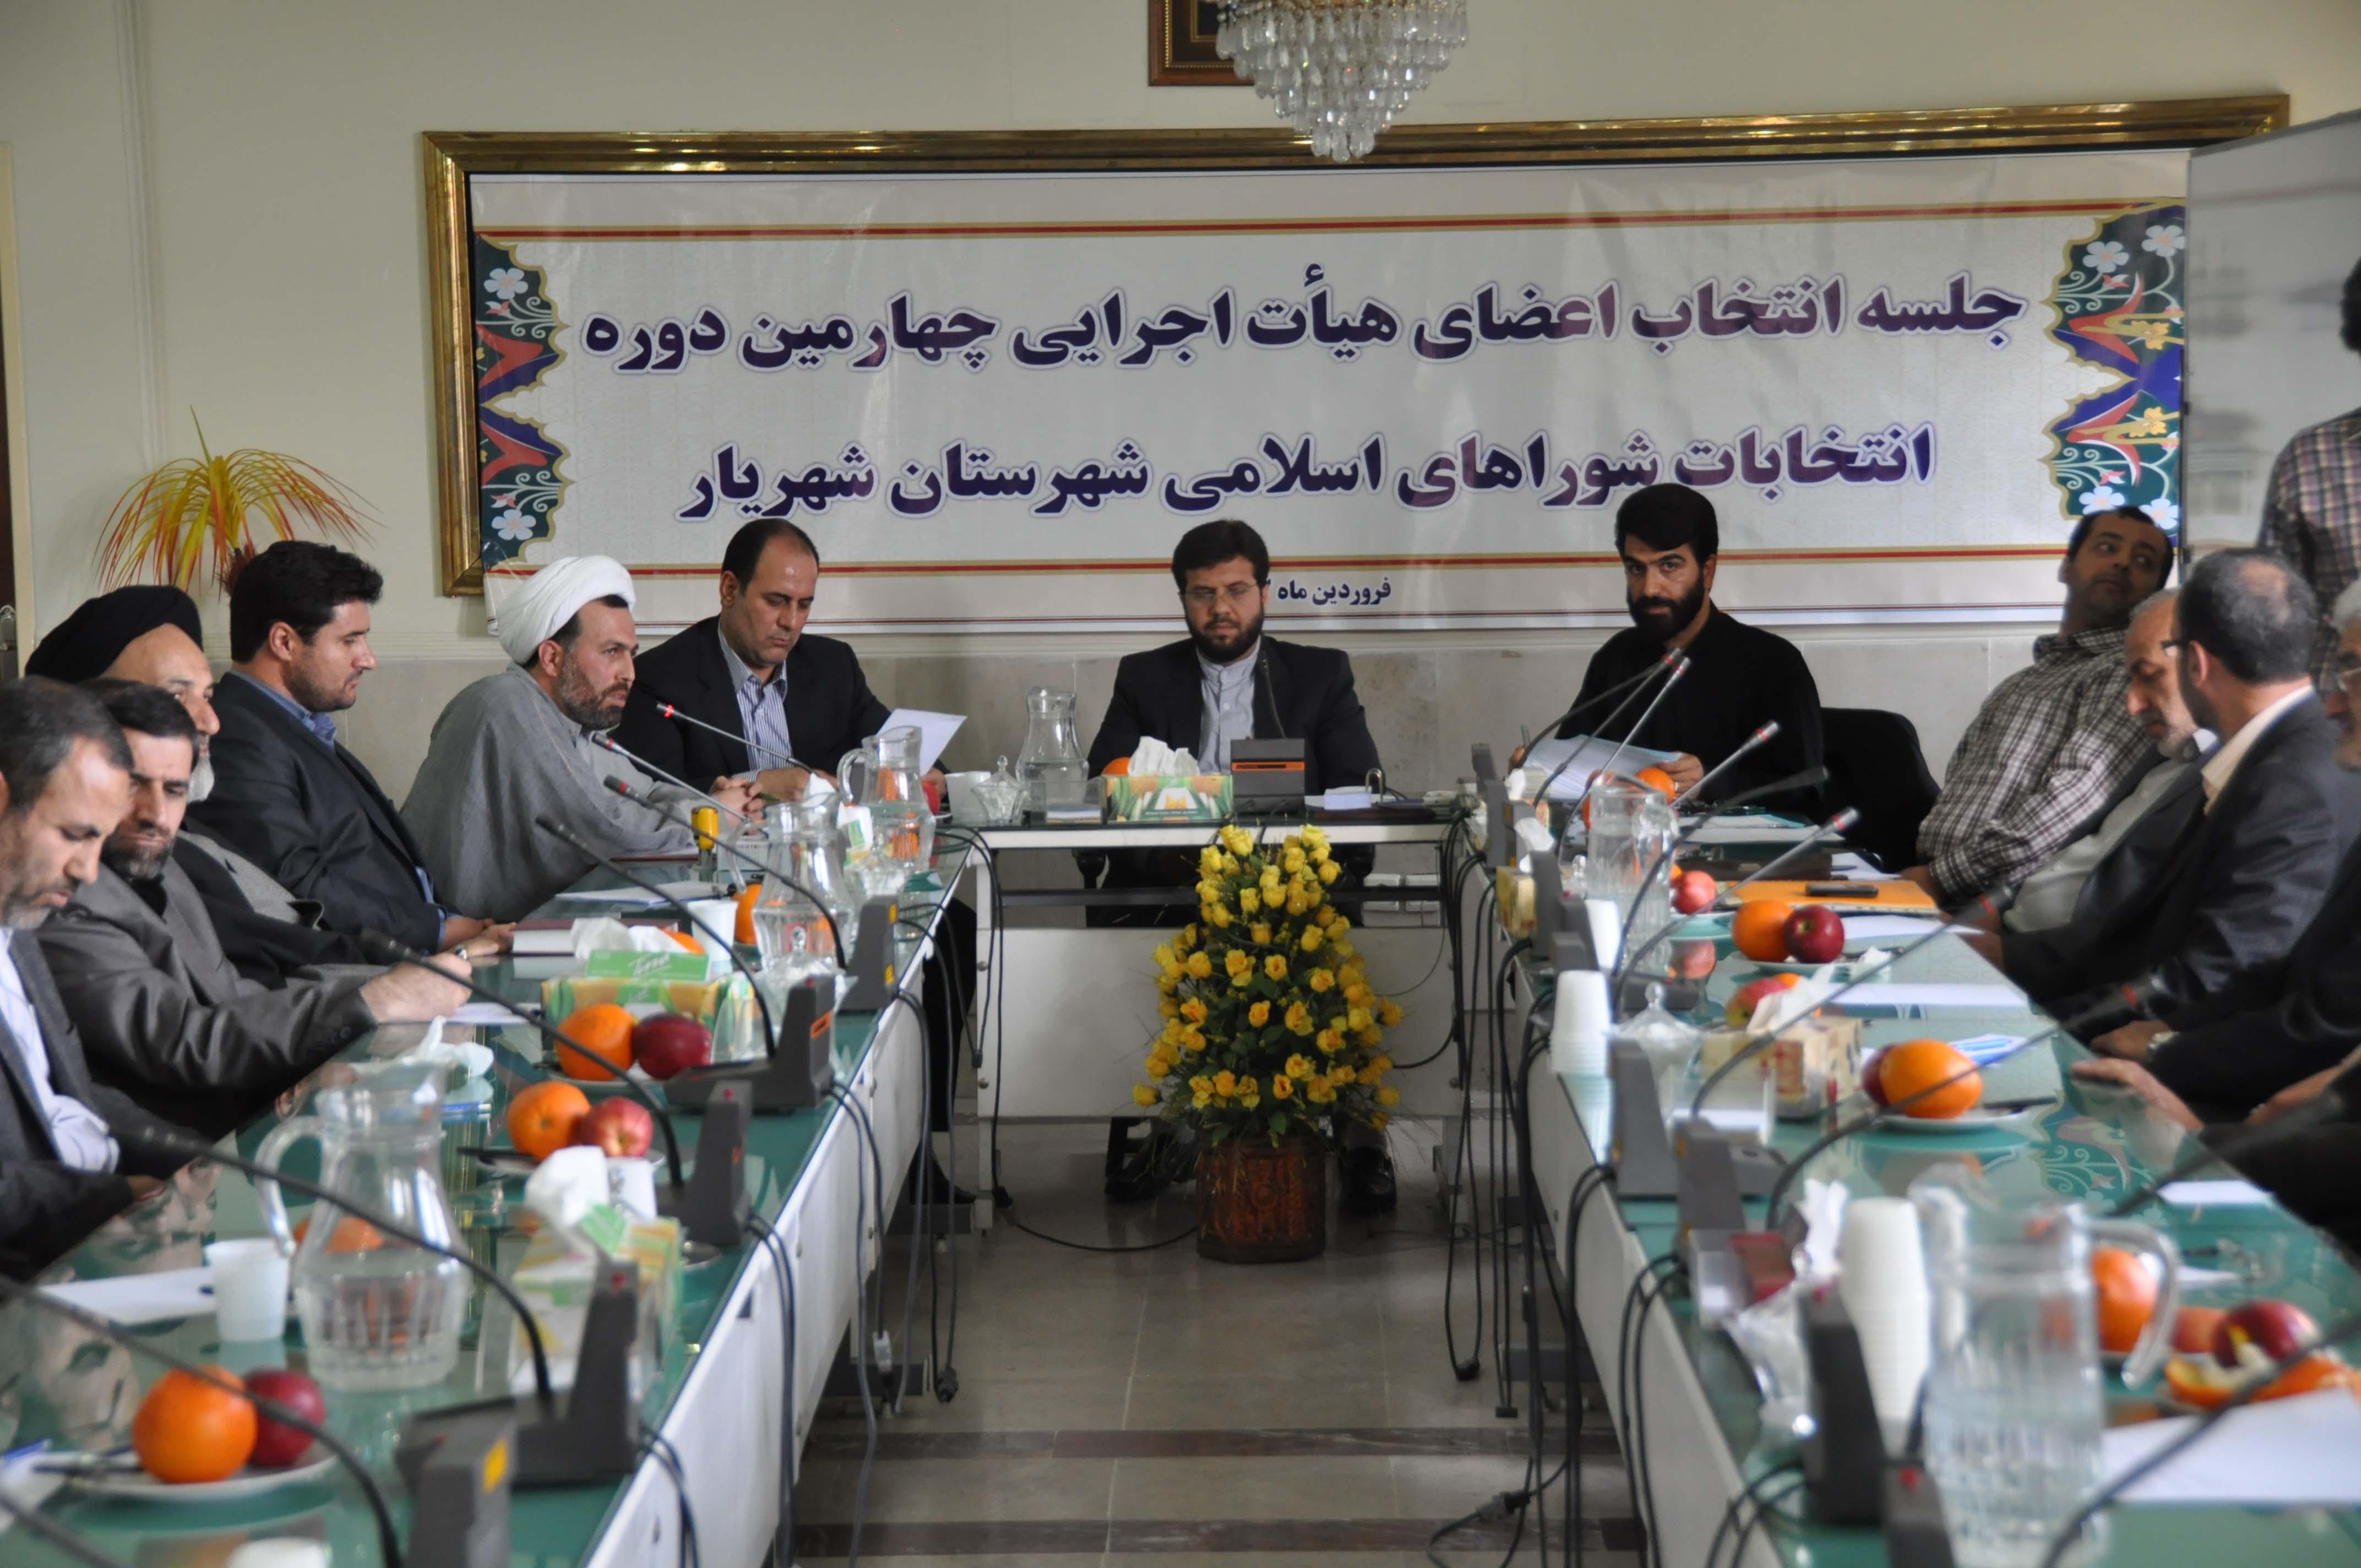 جلسه انتخابات اعضای هیأت اجرایی چهارمین دوره انتخابات شورا های اسلامی شهرستان شهریار